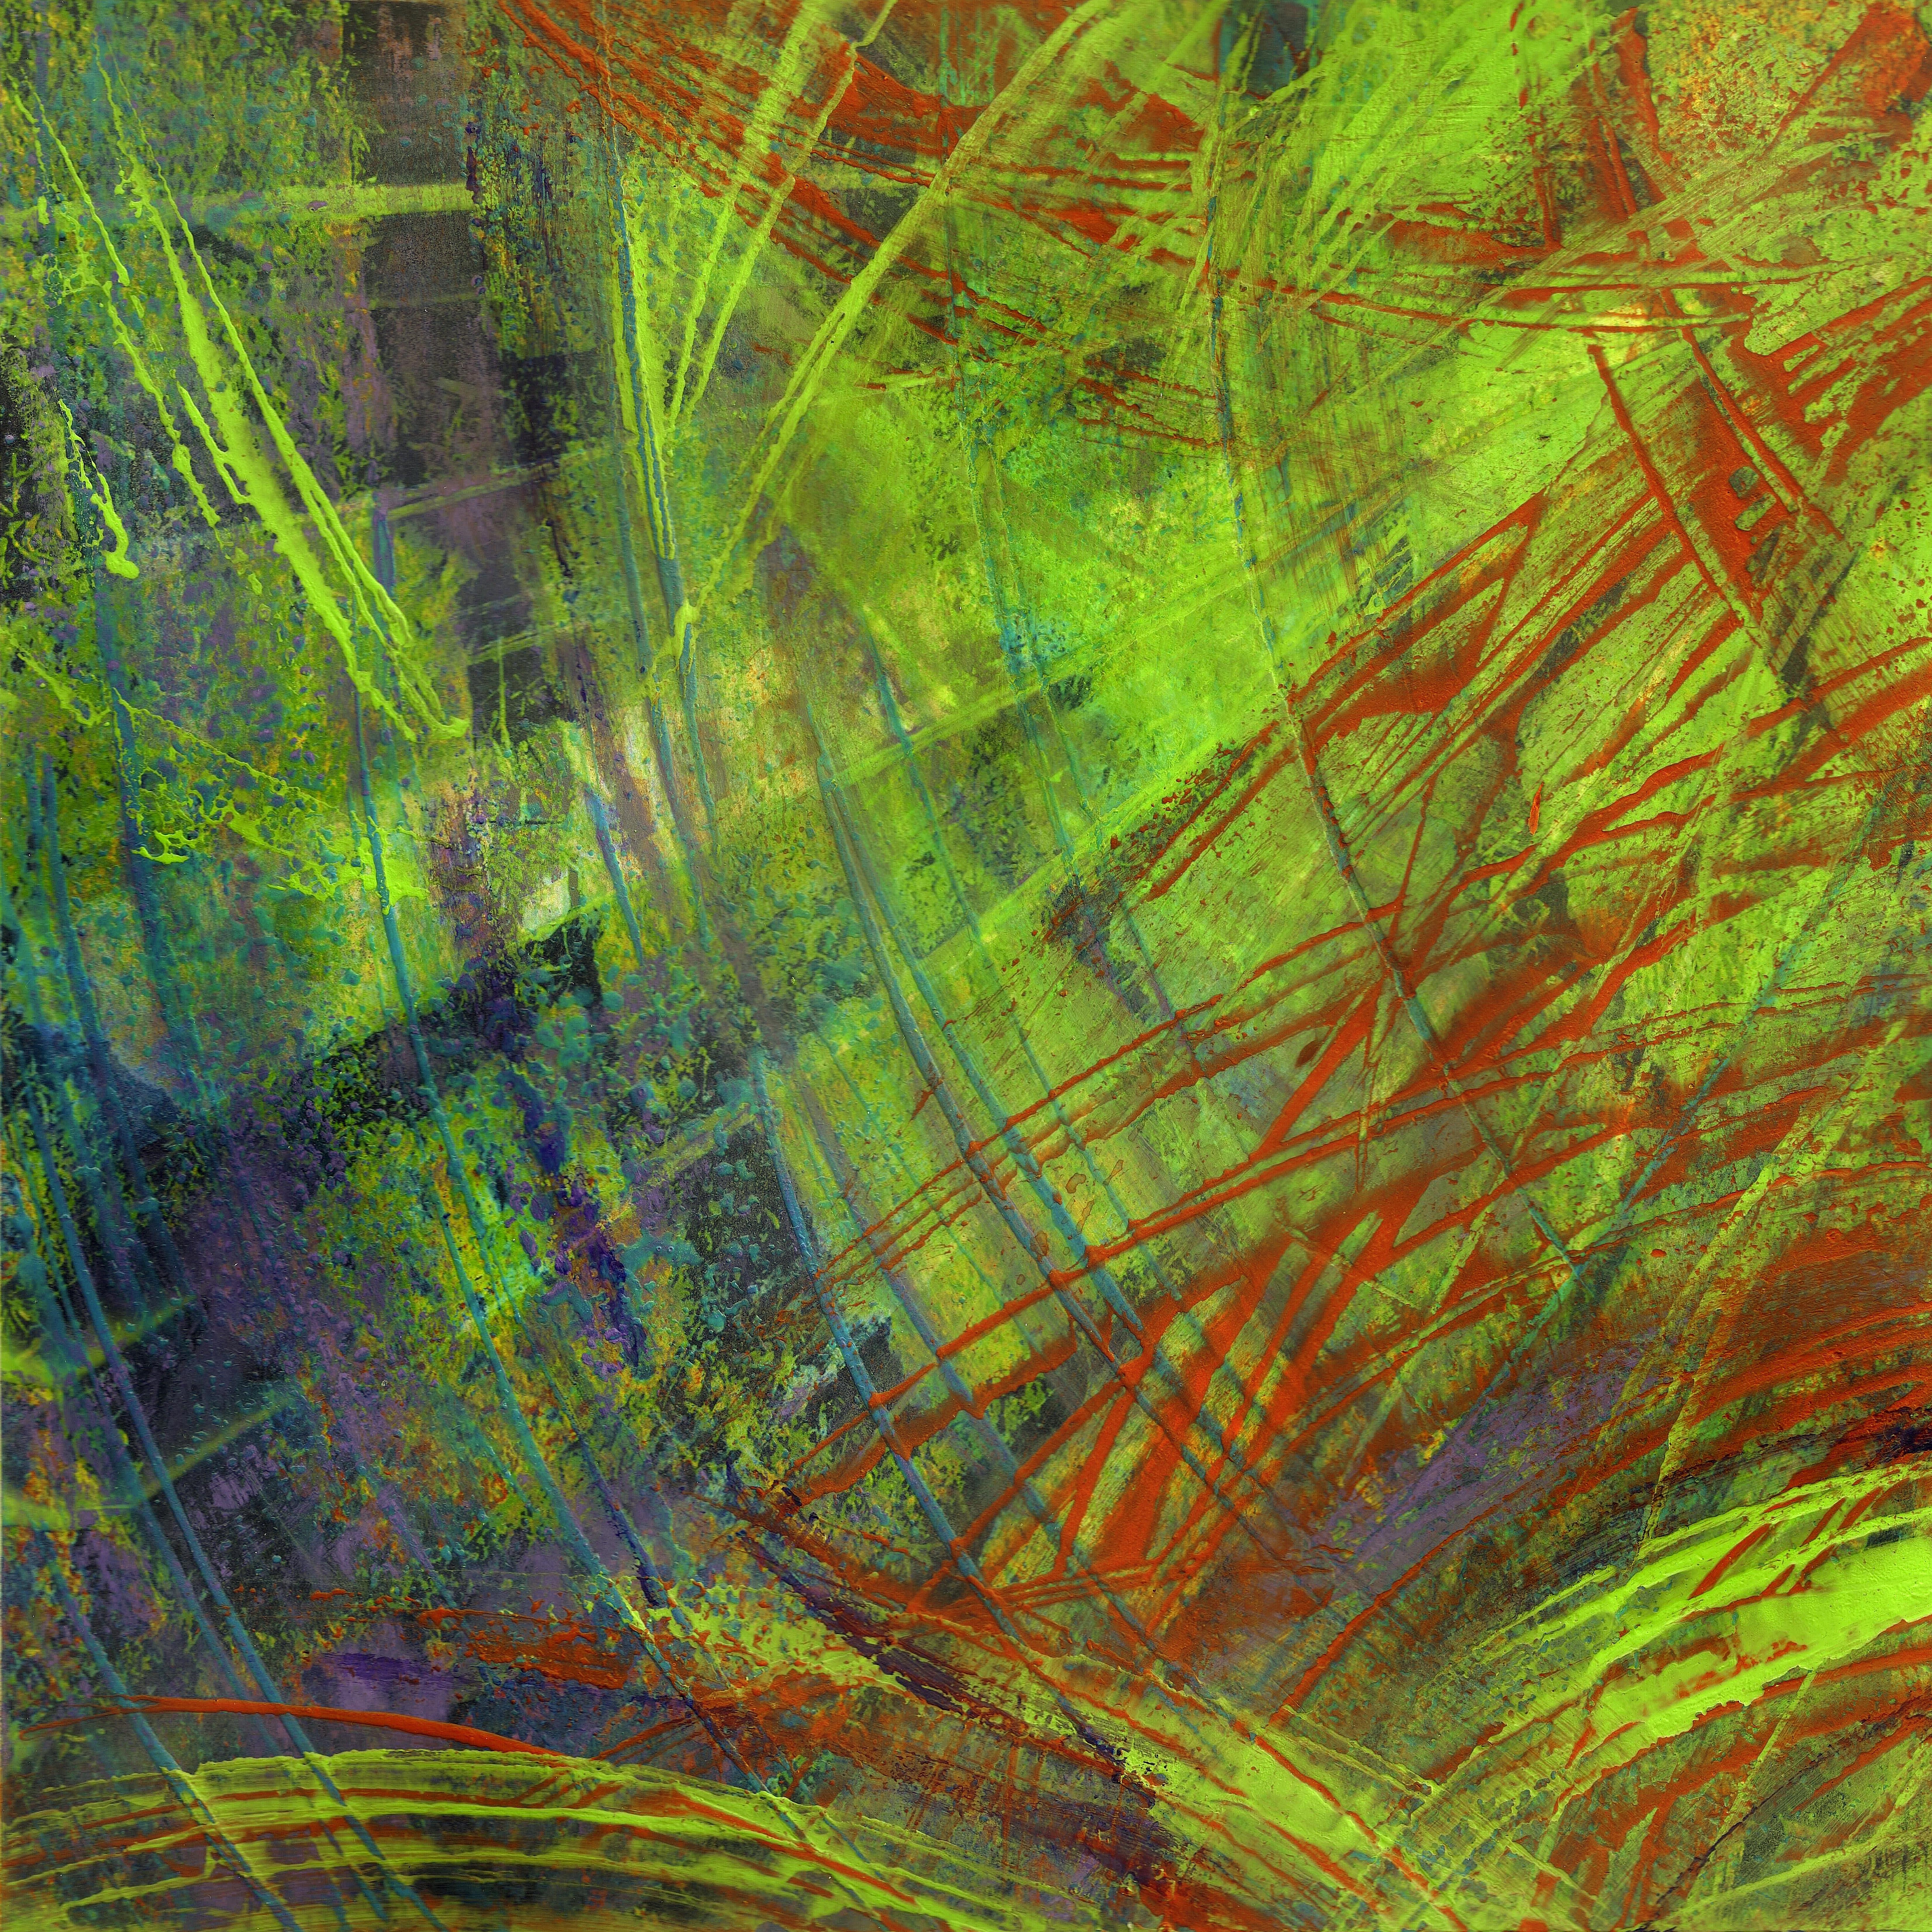 Tecnica mista: acrilico, olio su cartoncino - cm. 29x29